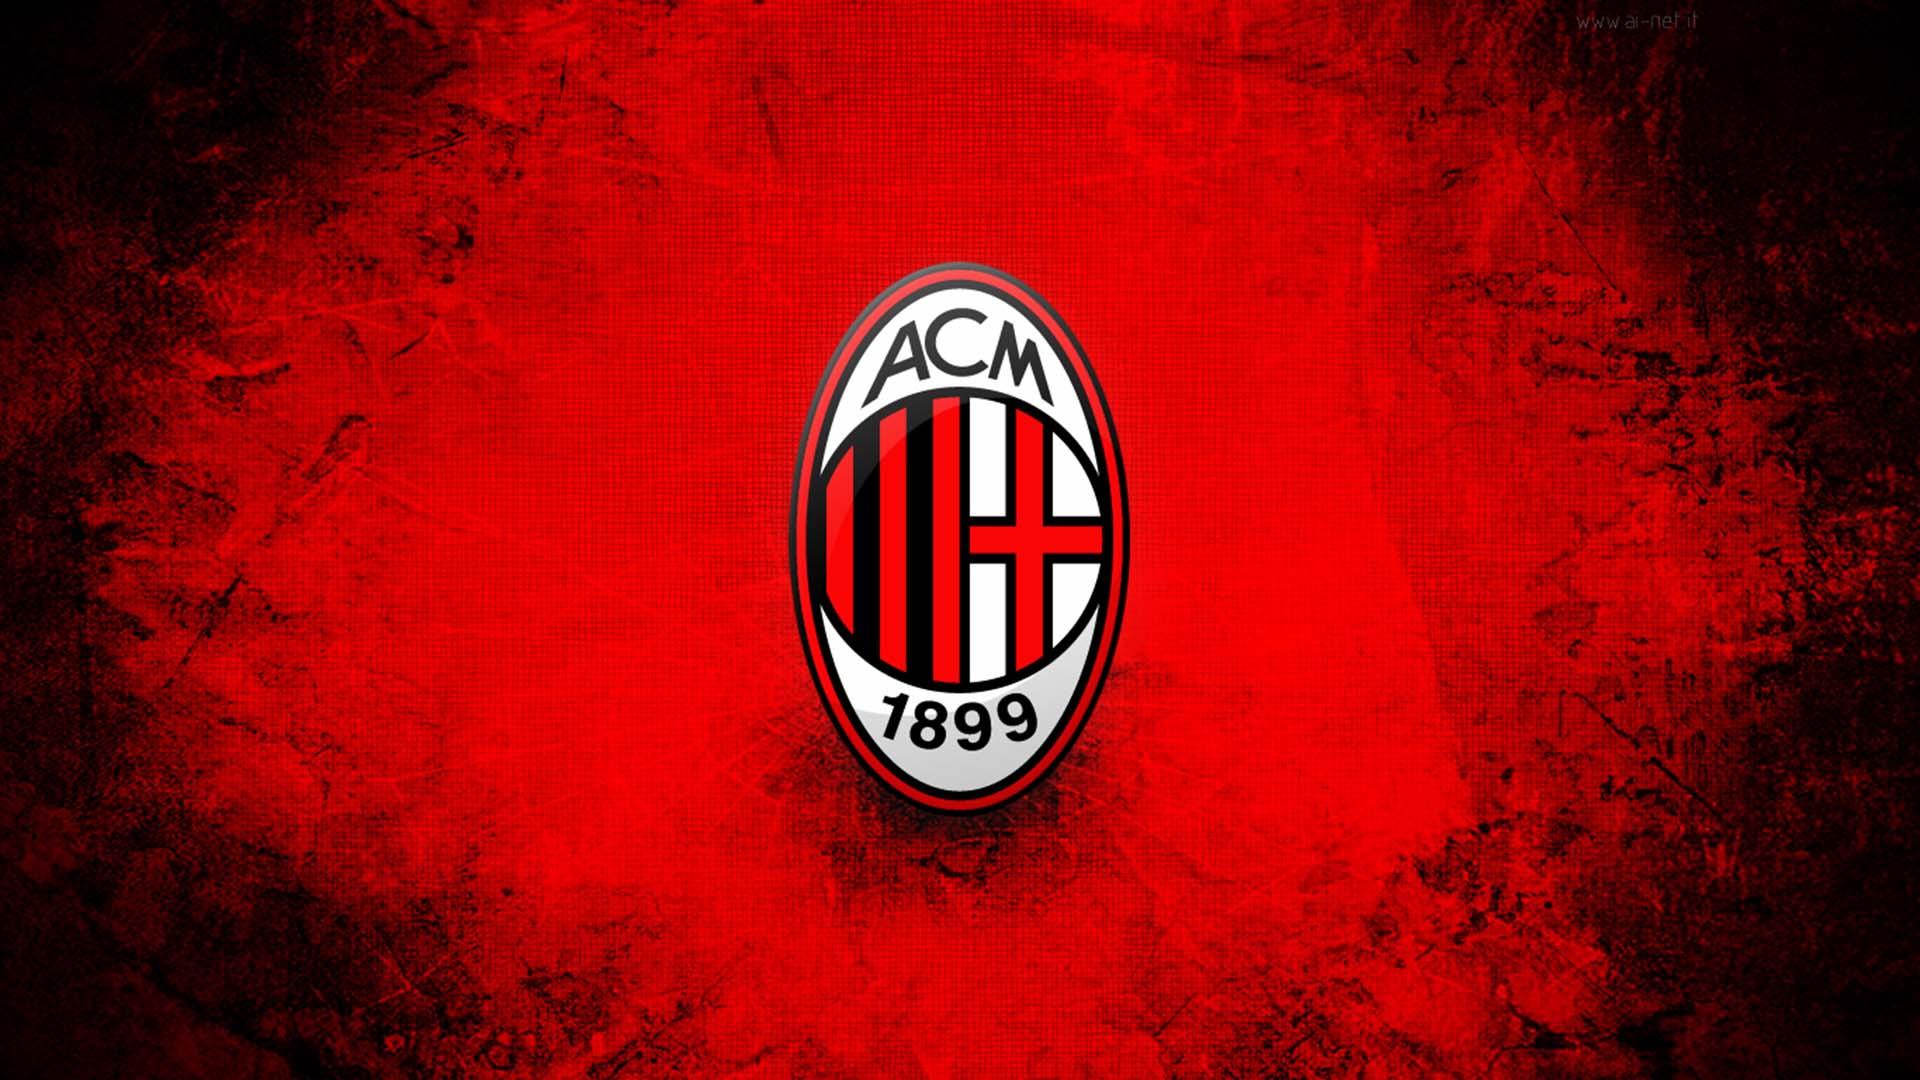 AC Milan Hd Wallpaper Wallpaper hd Sfondi hd 1920x1080